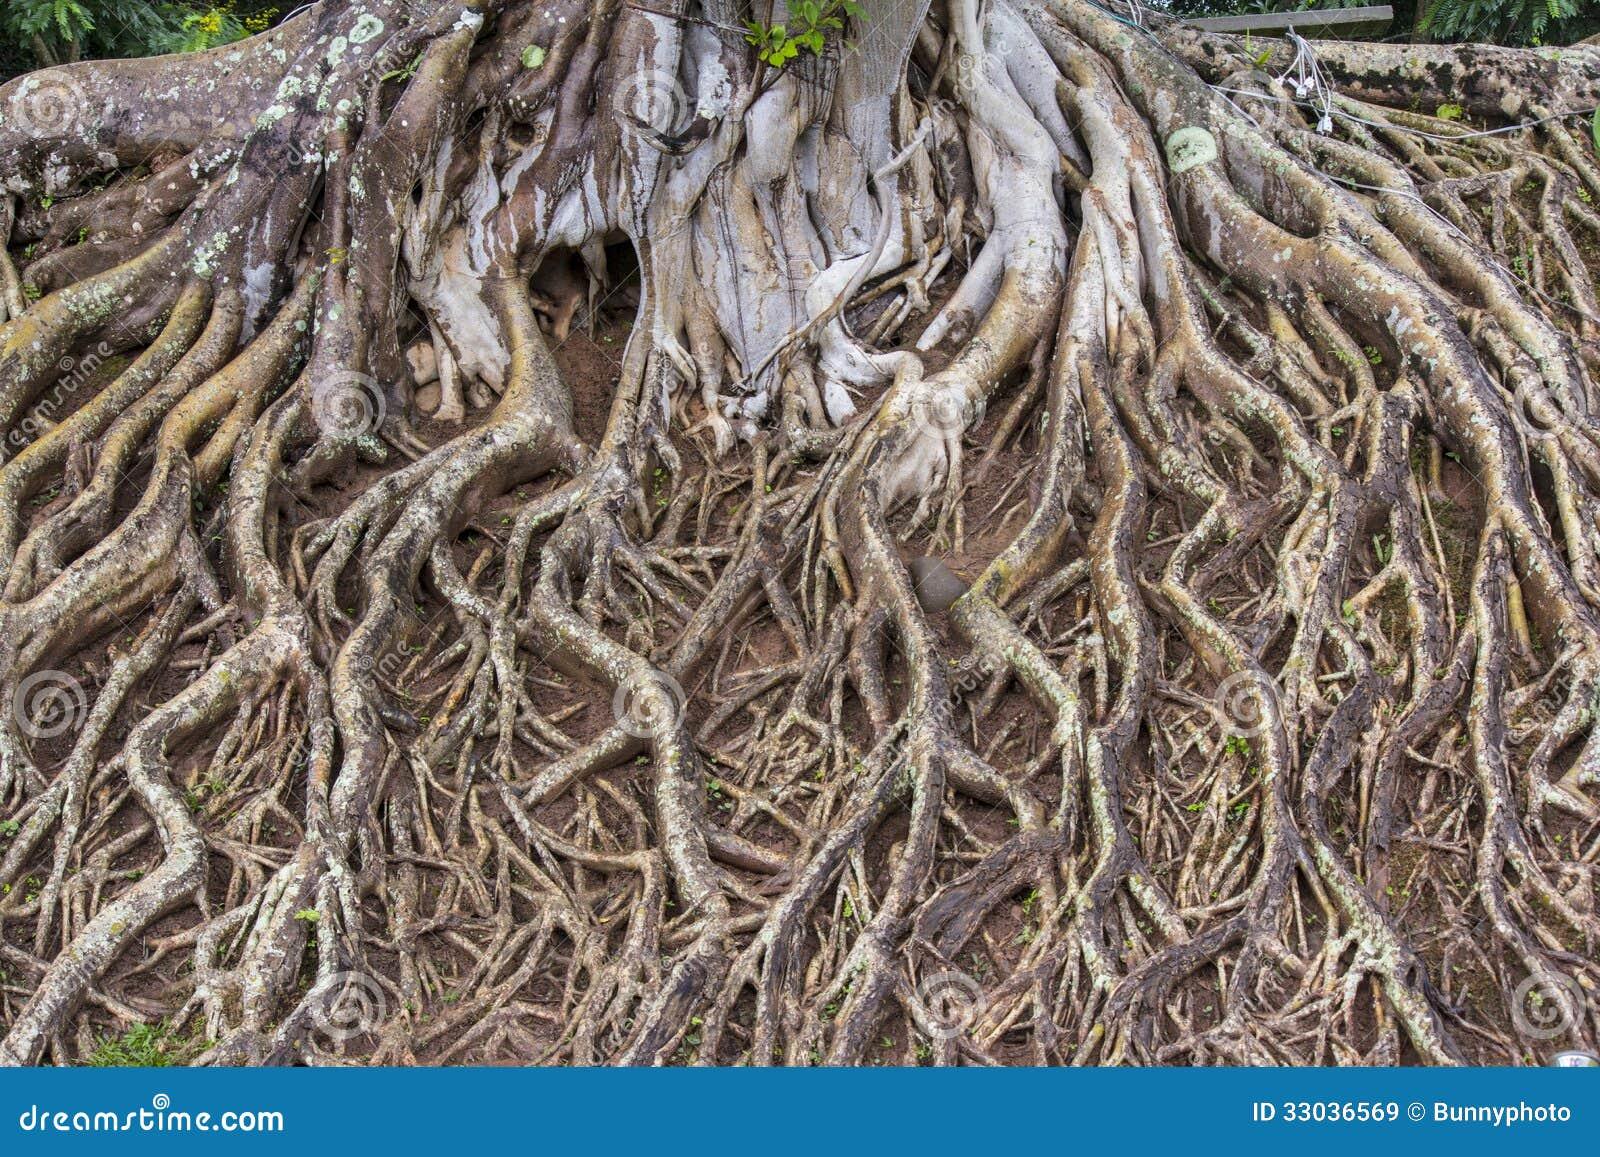 фото корни деревьев